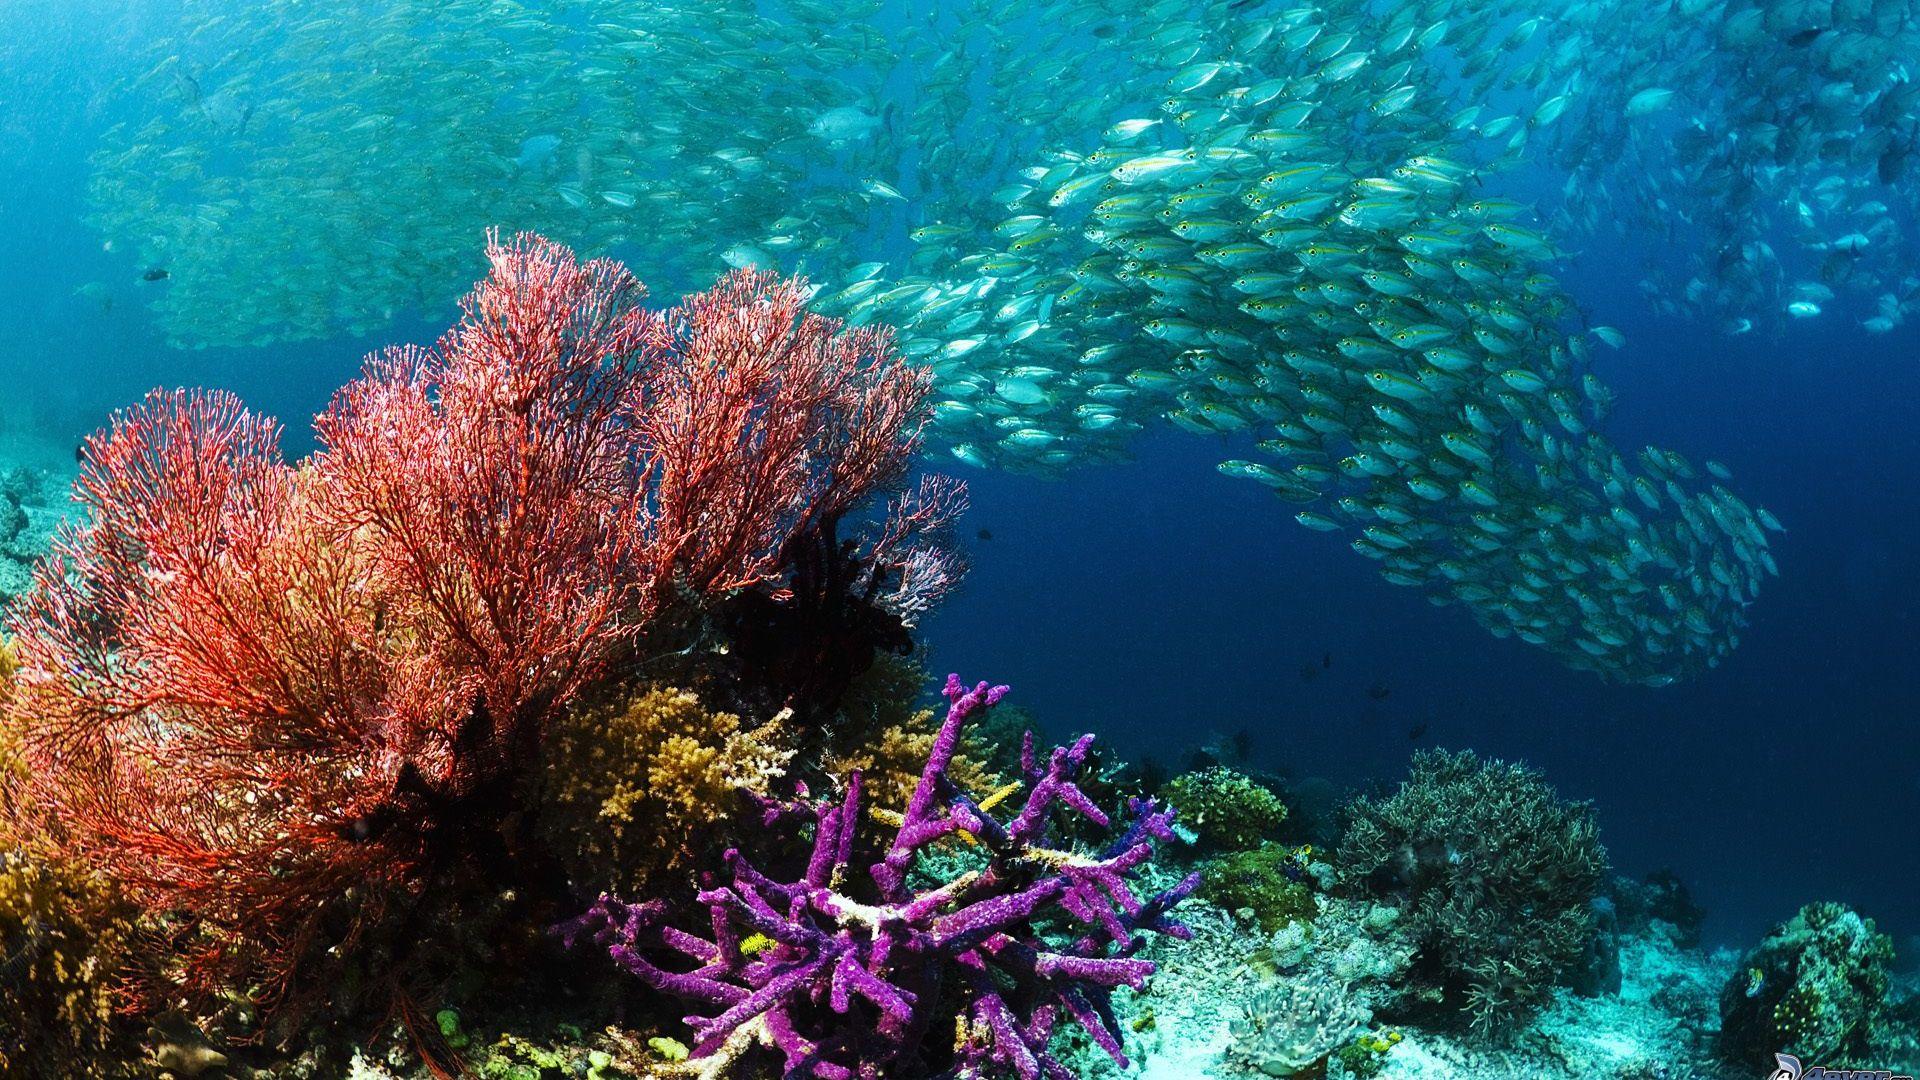 Acidificazione oceani, a rischio biodiversità